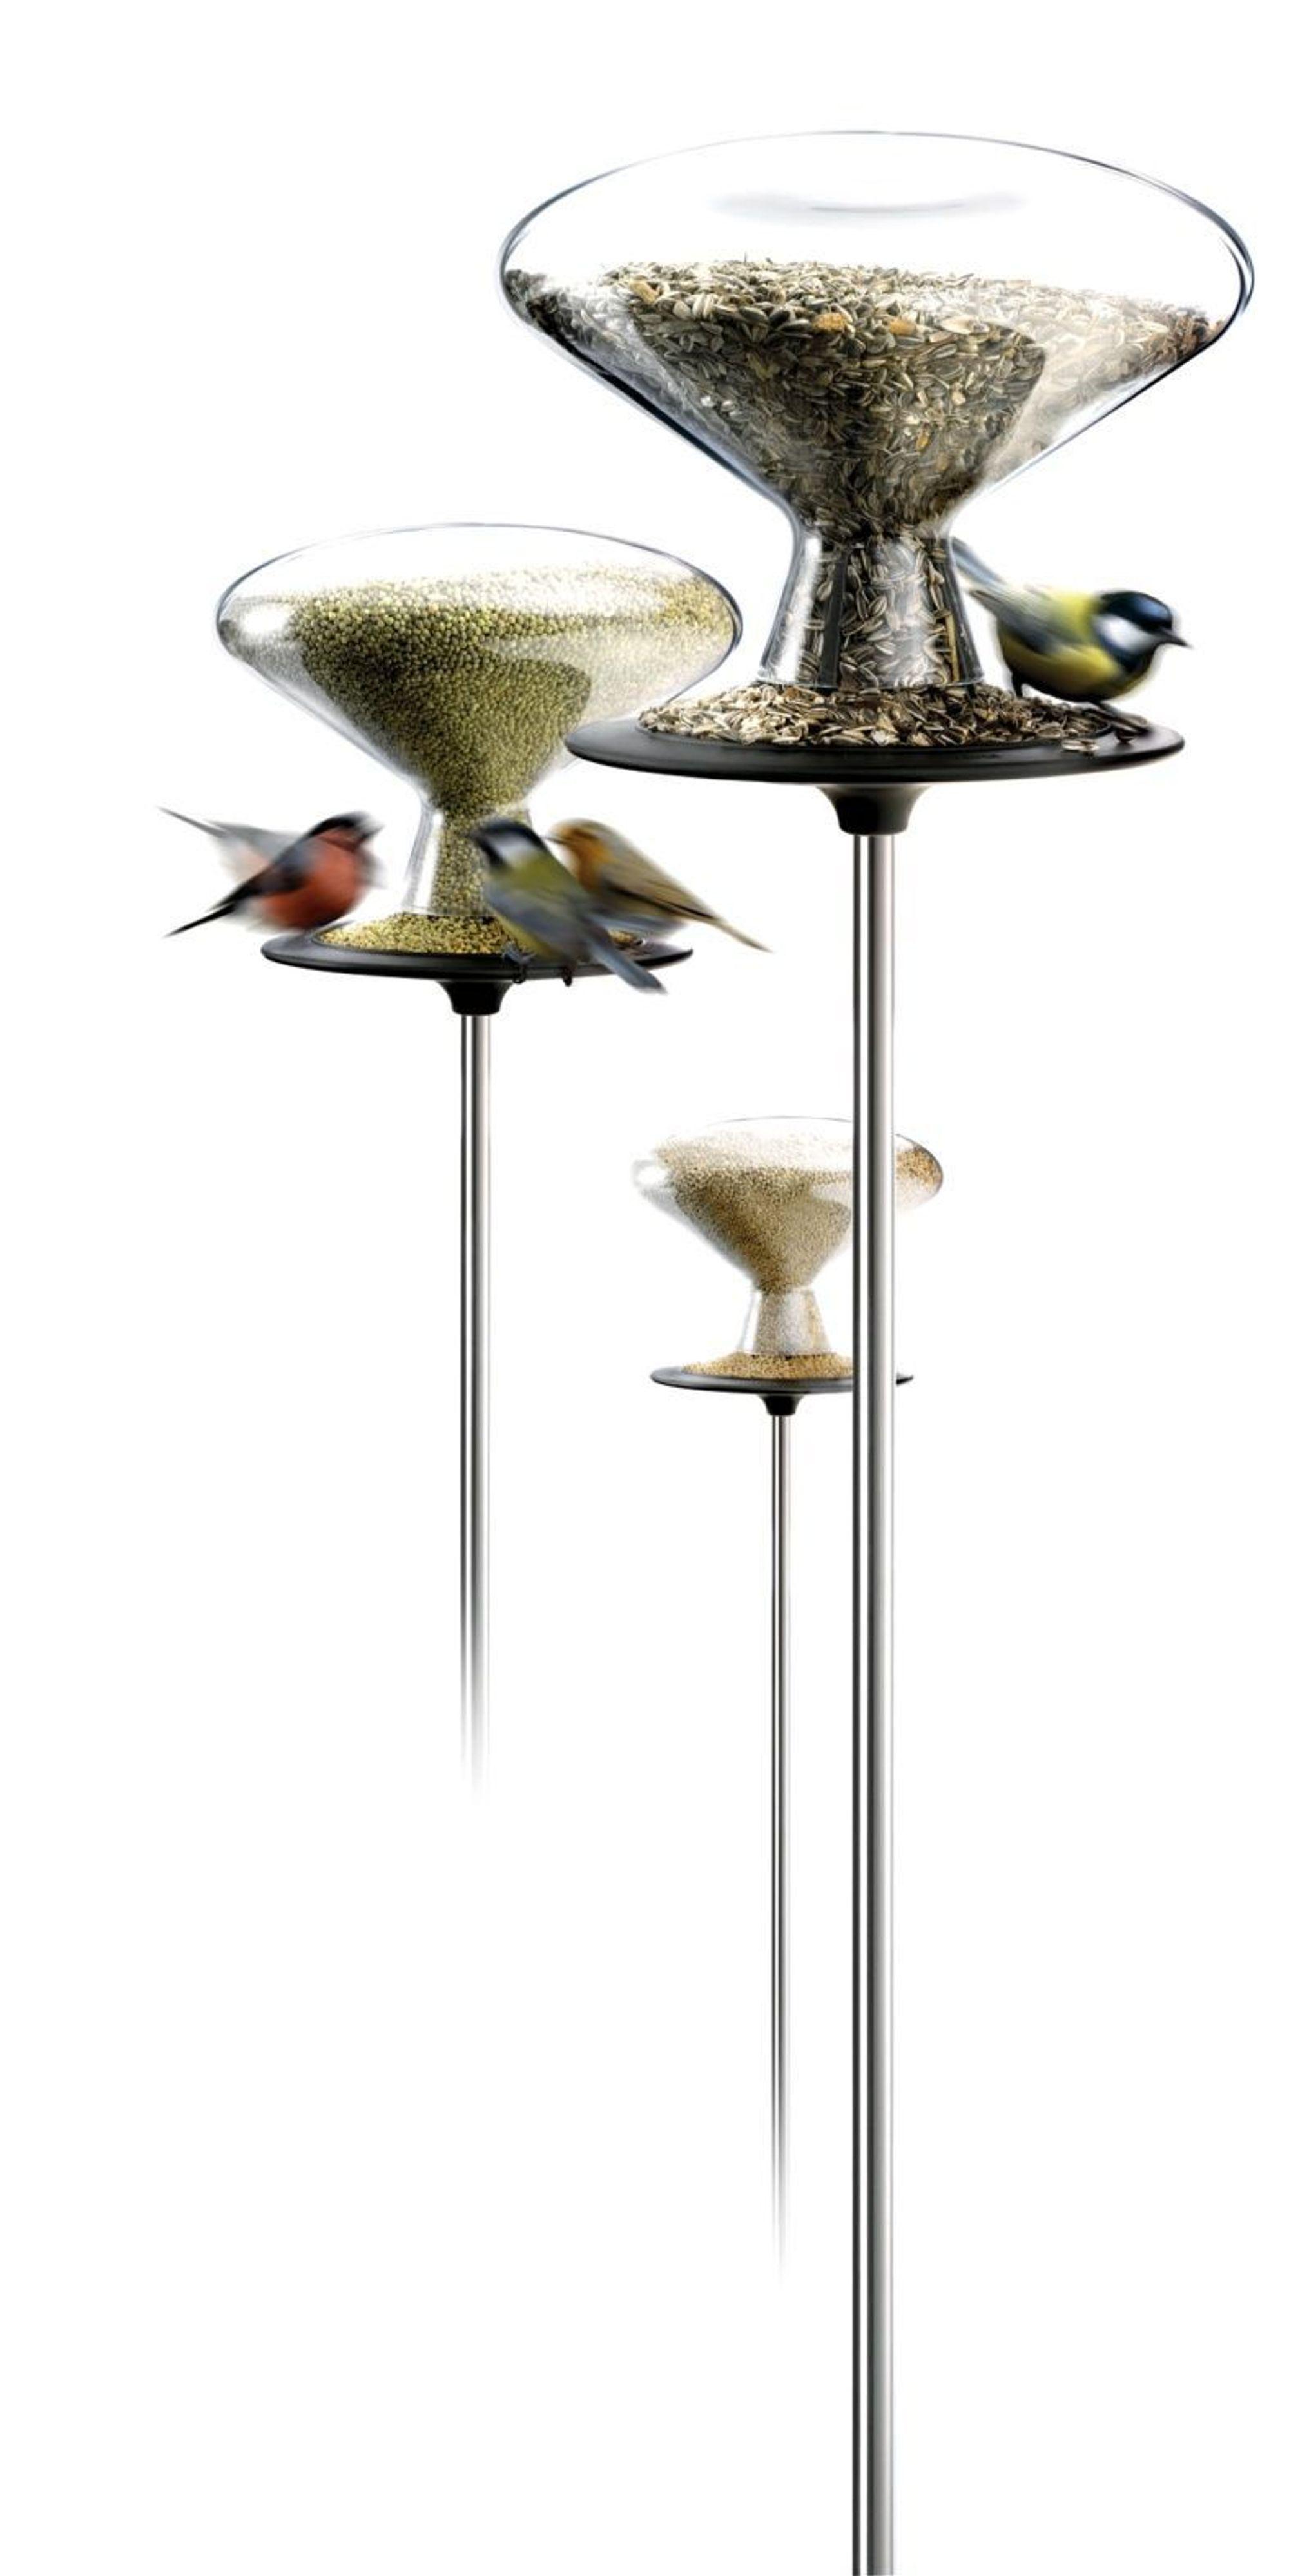 SØTT OG ELEGANT: Fortjener ikke søte småfugler litt eleganse når de spiser?